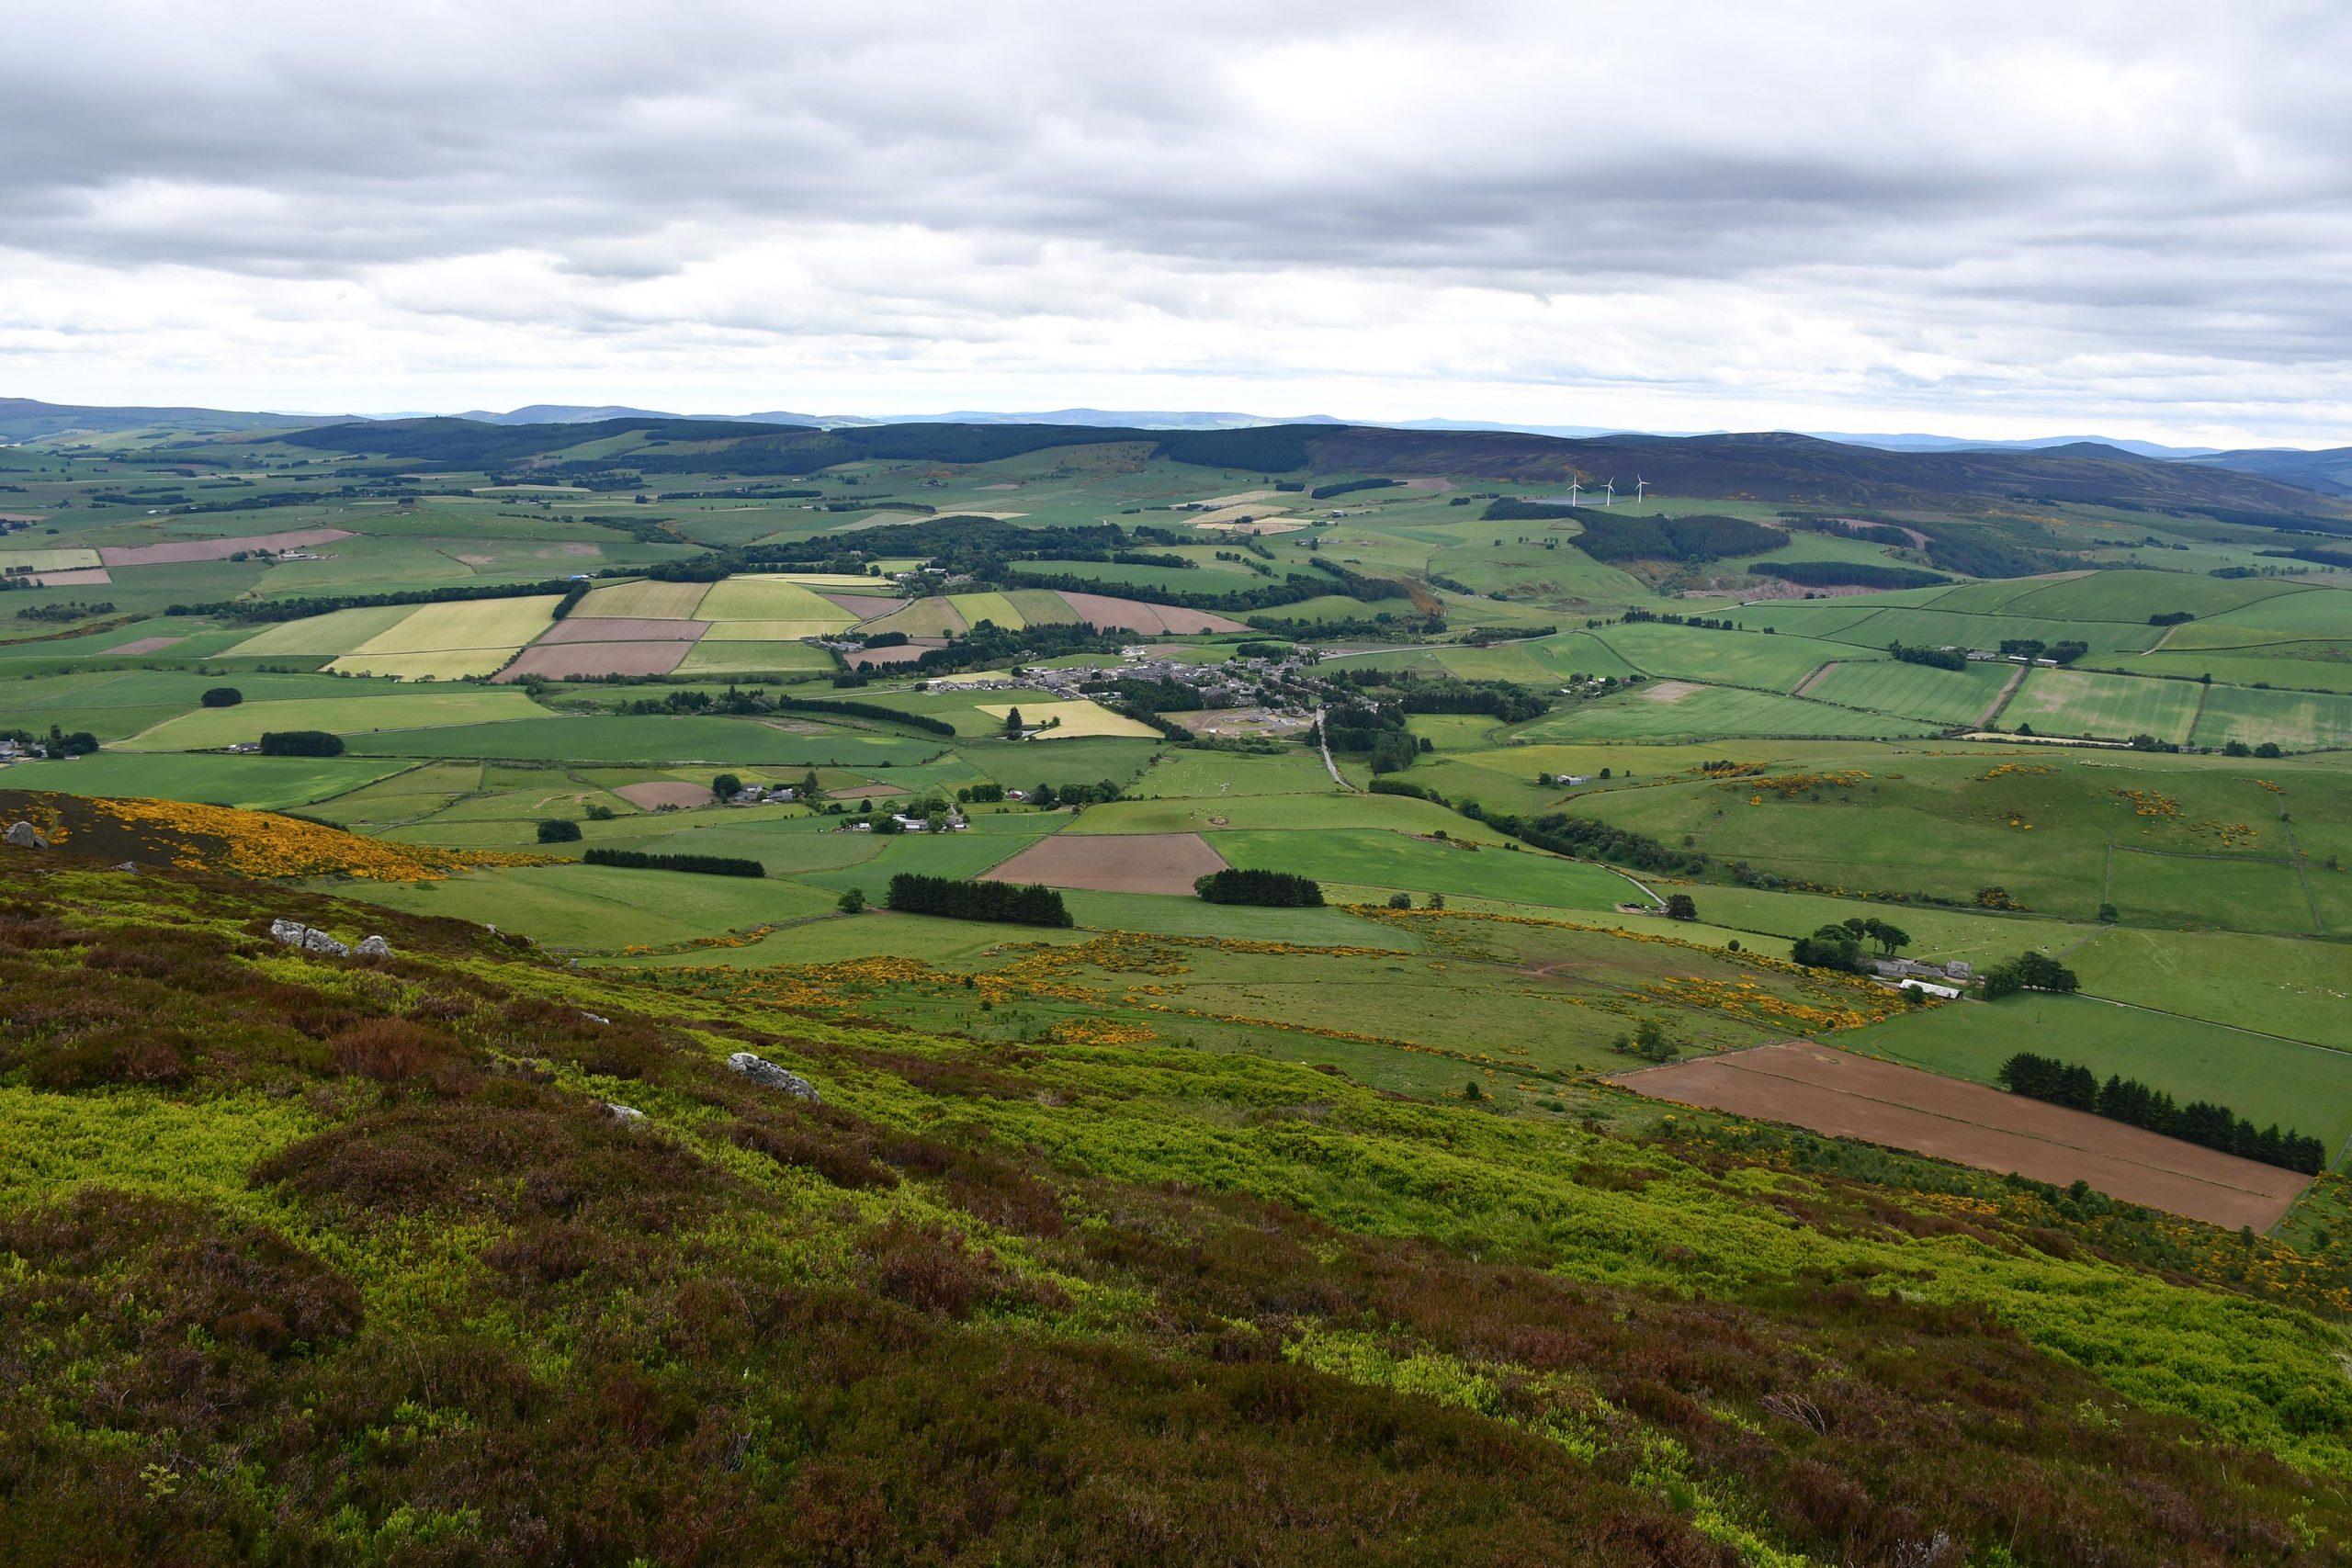 苏格兰阿伯丁郡的雷尼村的景色。被称为Rhynie chert的化石矿床是以一个多世纪前首次发现的Rhynie村命名的。